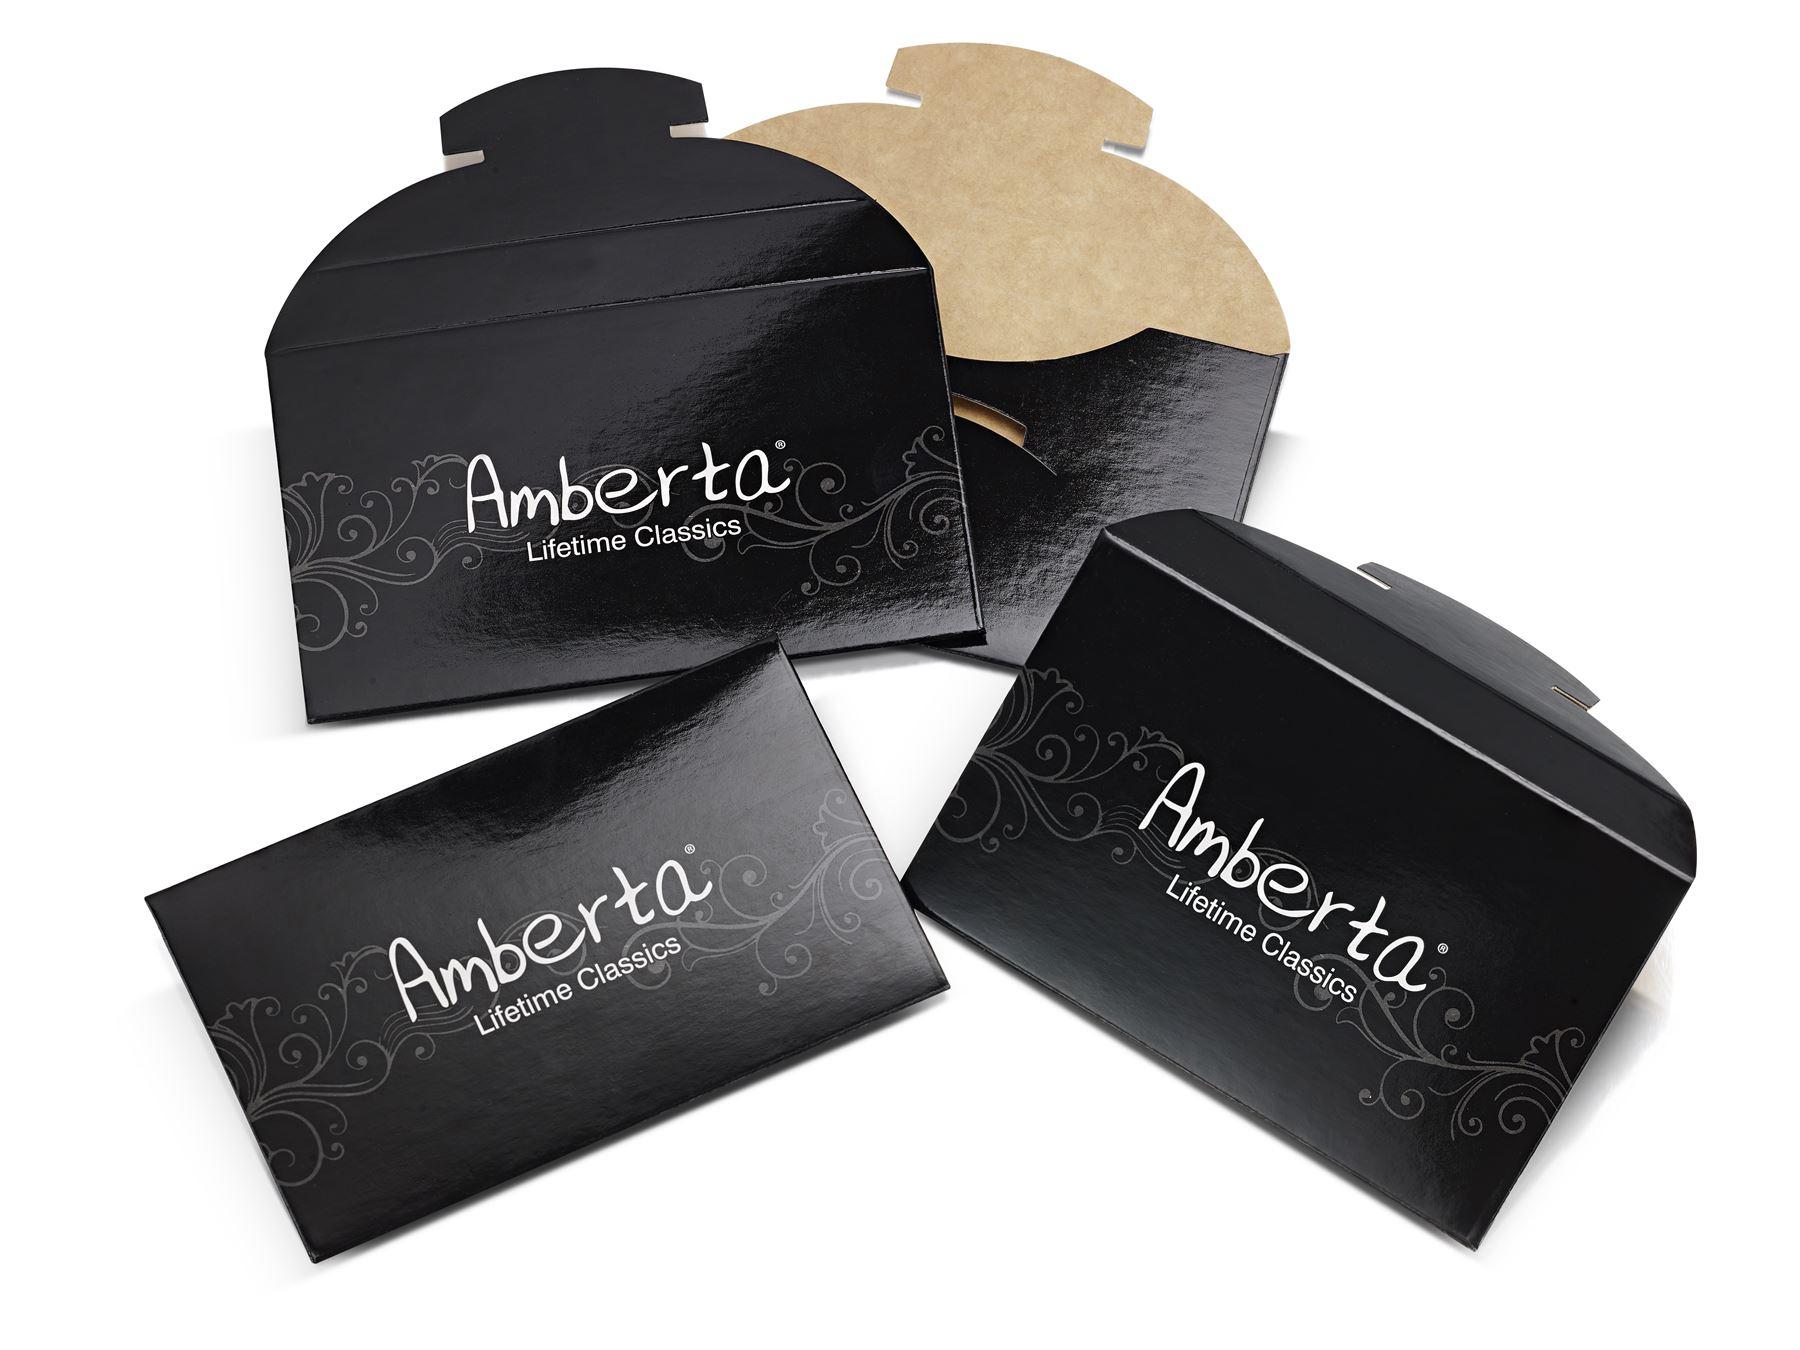 Amberta-Pendientes-para-Mujer-Aros-en-Plata-De-Ley-925-Autentica-Estilo-Clasico miniatura 32